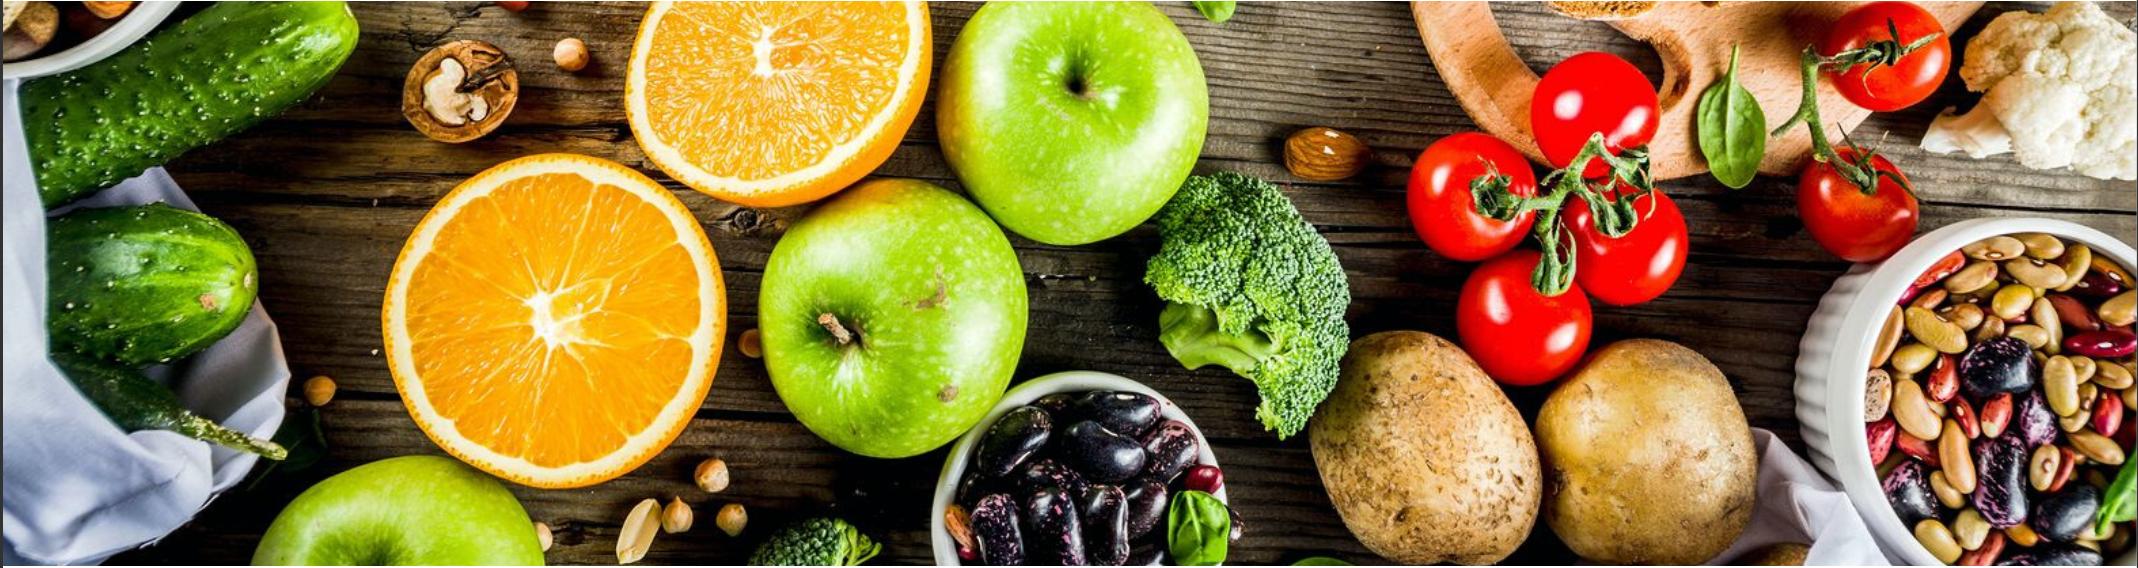 Banner webinar alimentos funcionales